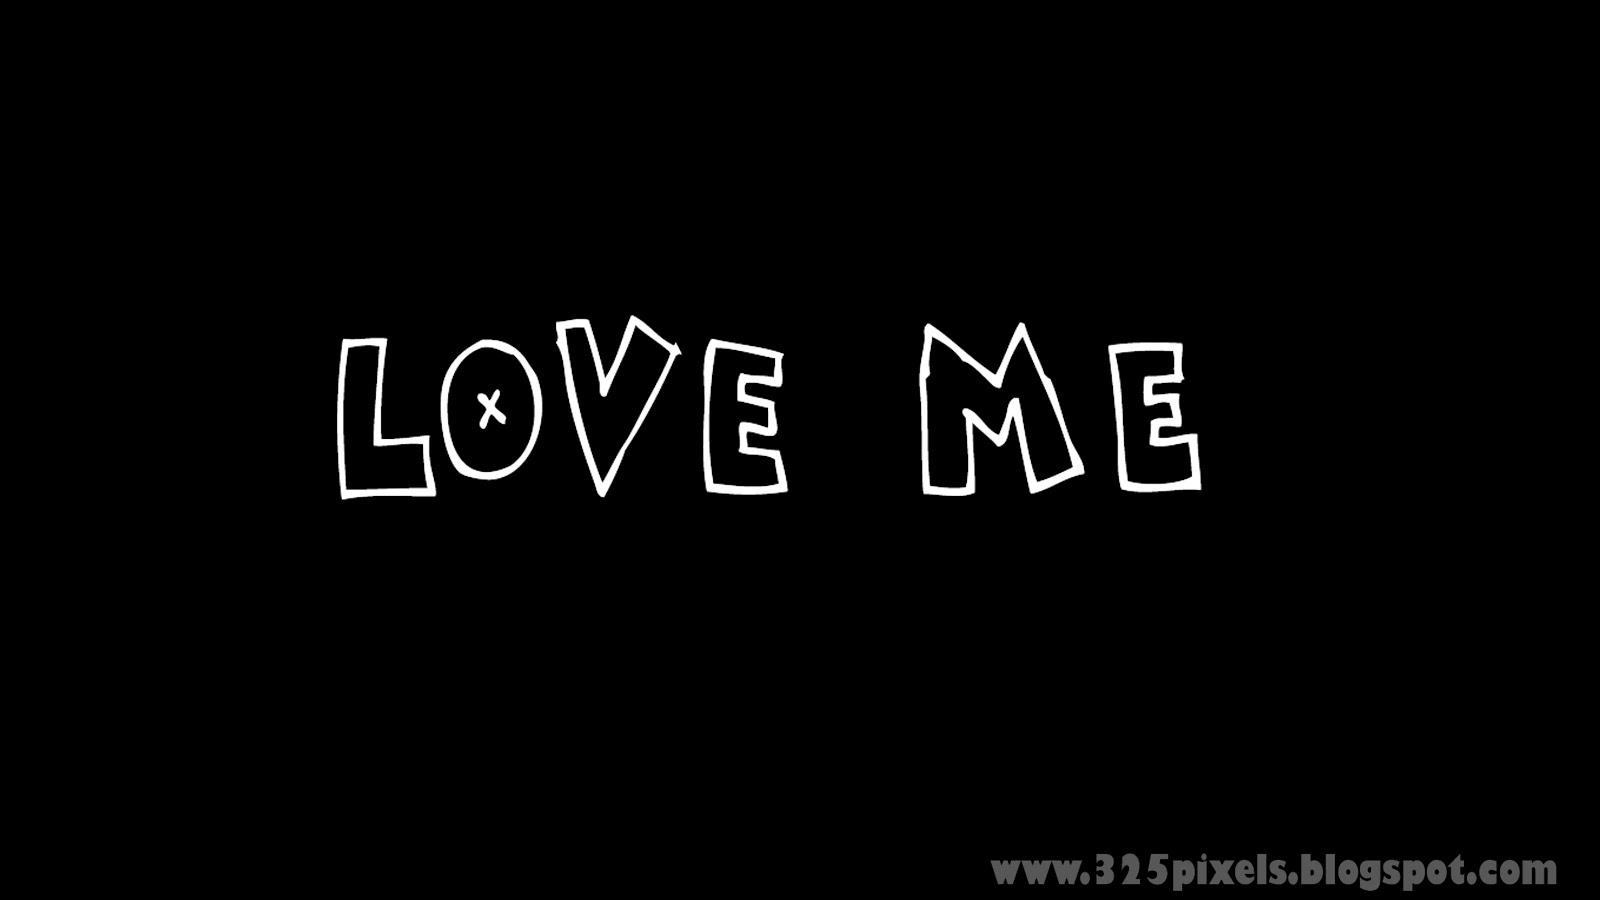 Quotes About Love 9gag : ... /-mqEkMbTRHLA/UM1ahRQxAGI/AAAAAAAAAo8/-bHl_JwflQE/s1600/love%2Bme.jpg